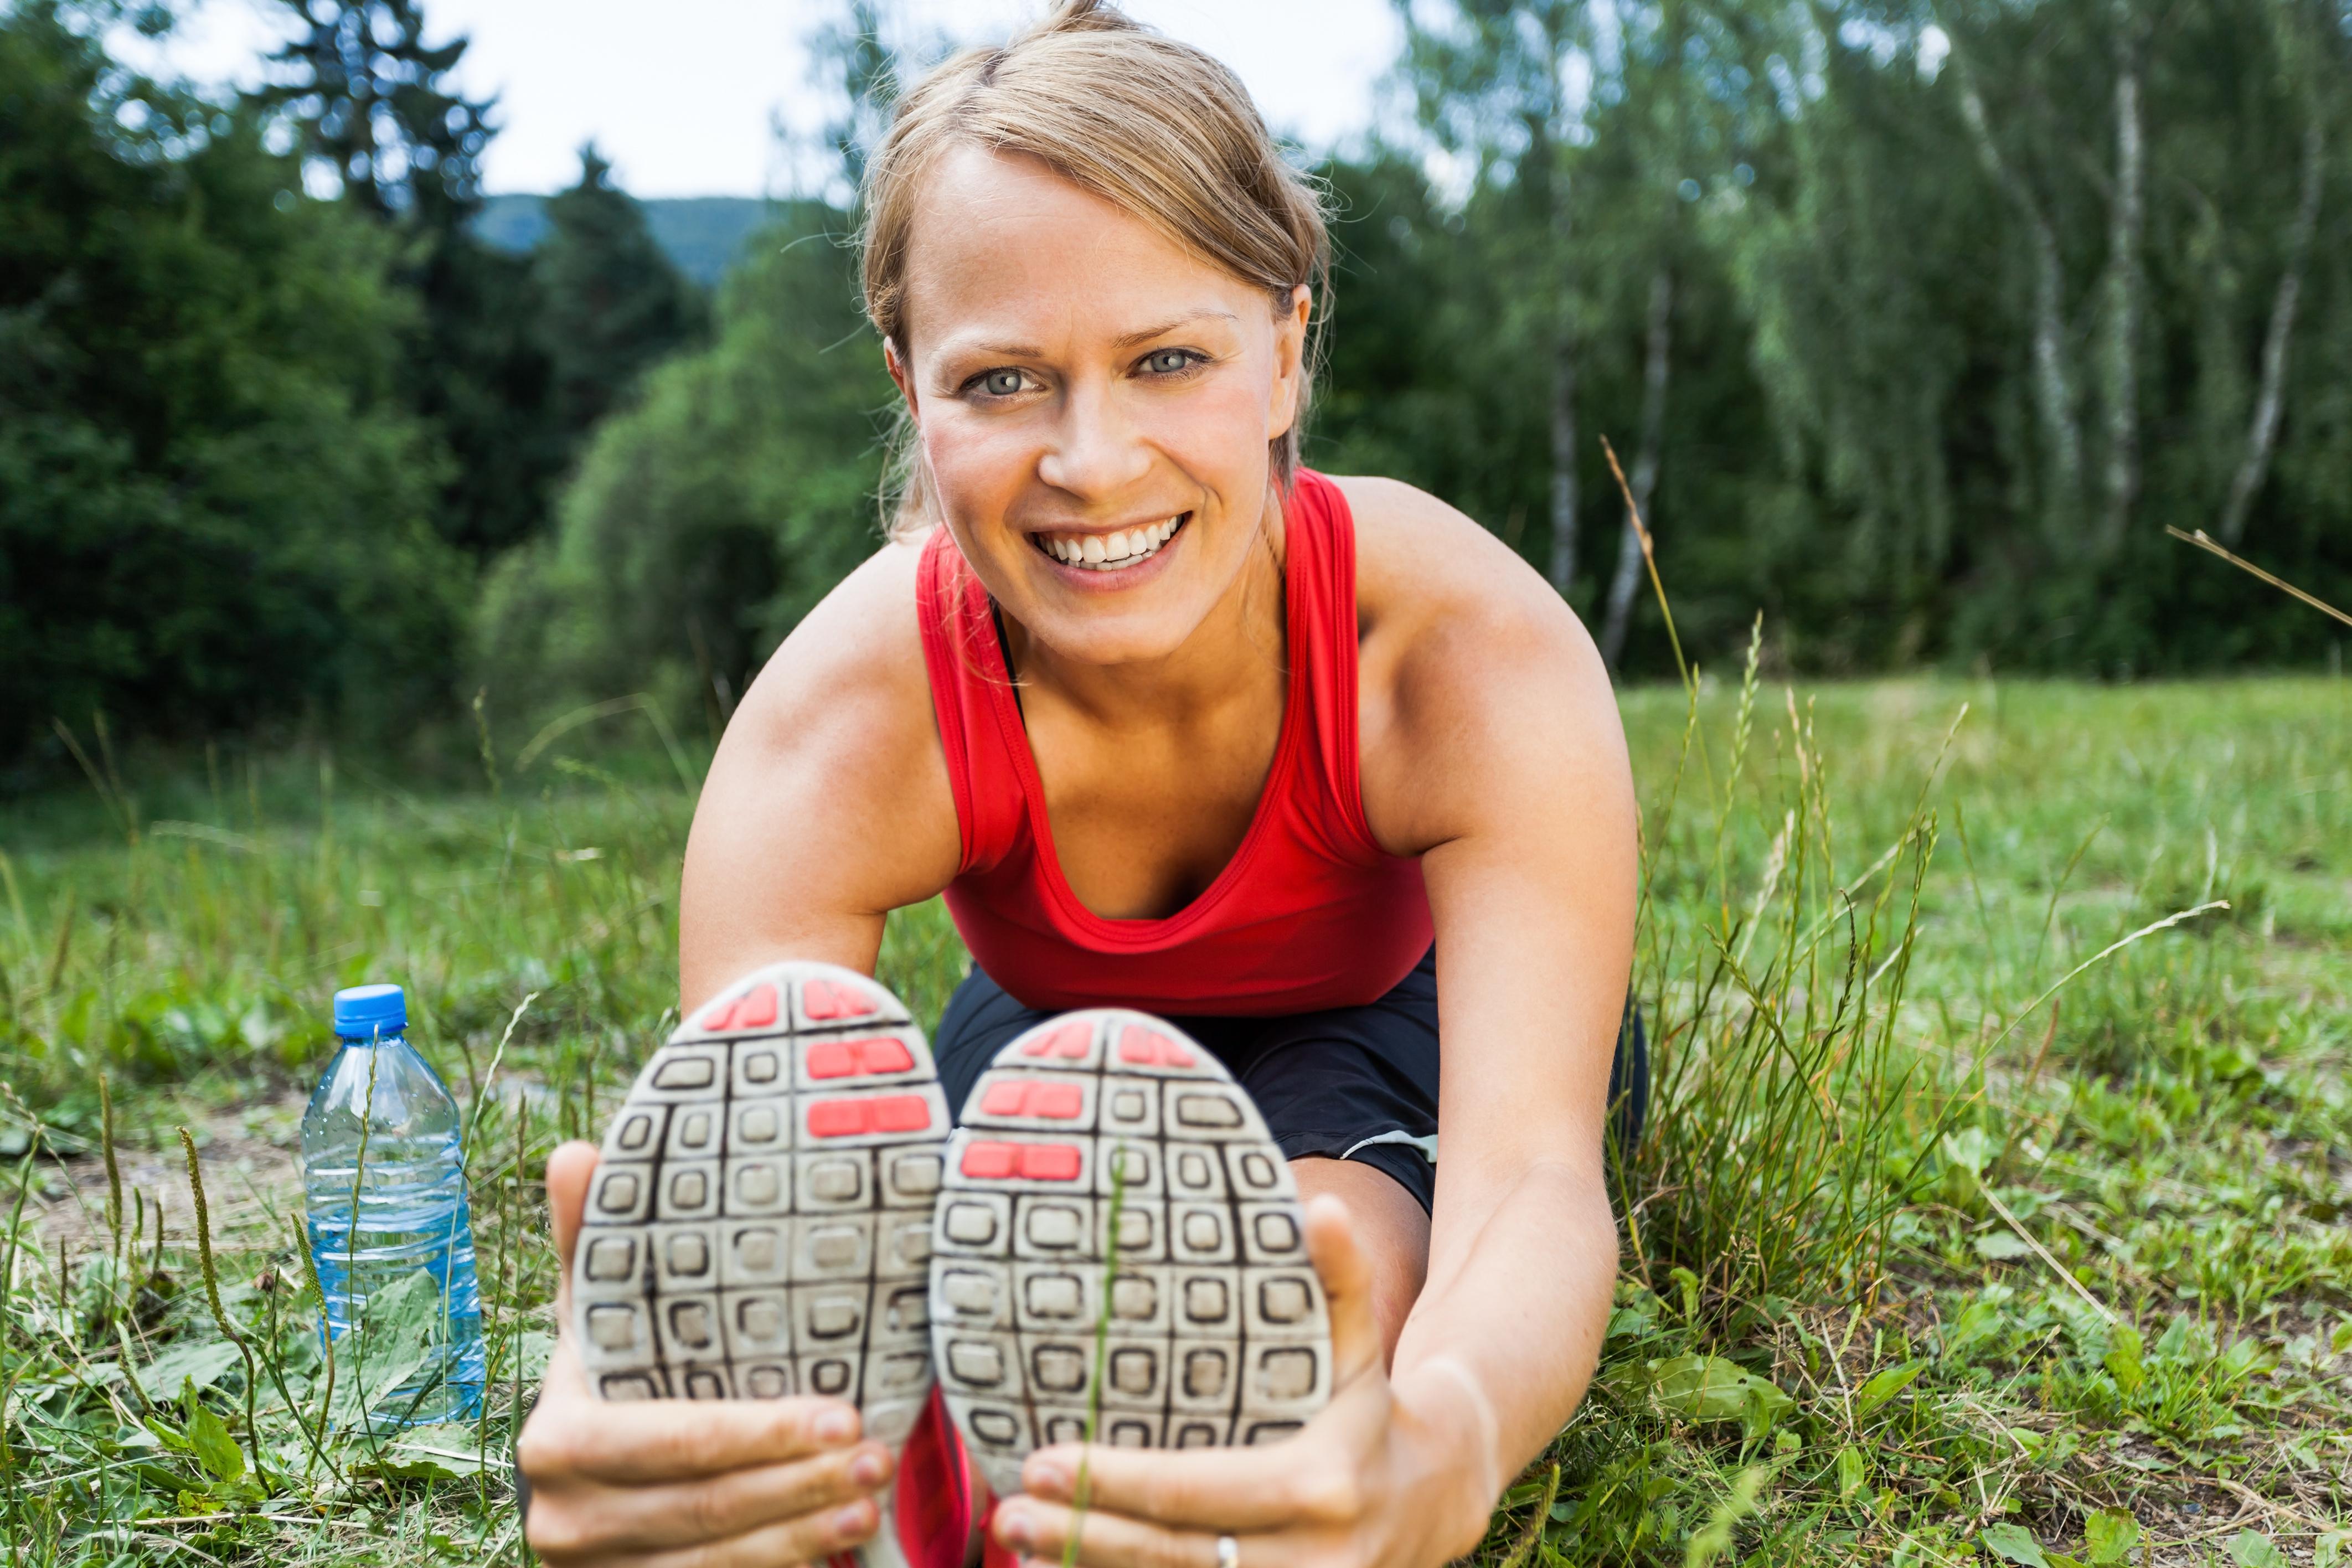 Regelbundna vanor tillsammans med kost och motion är bra förutsättningar för en god maghälsa.